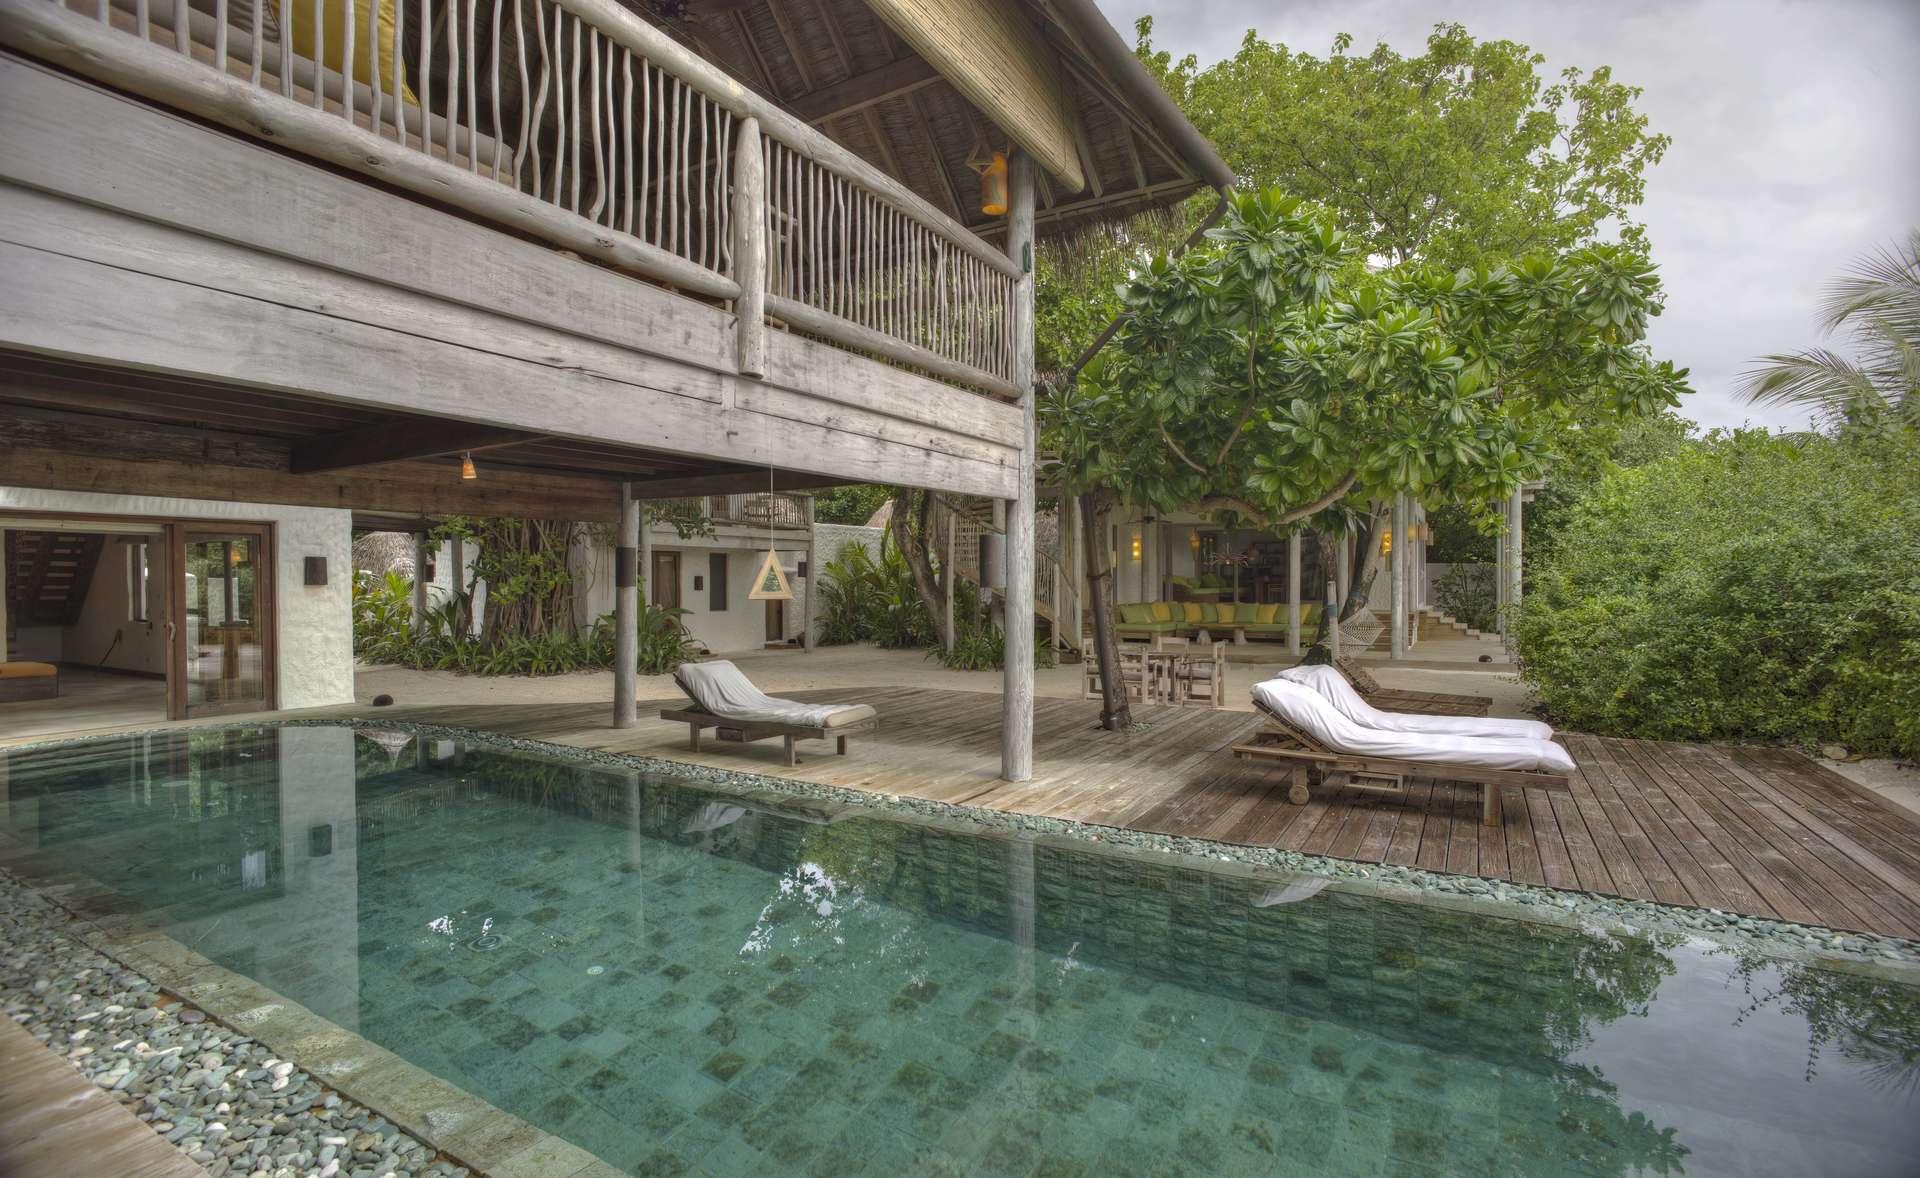 Luxury villa rentals asia - Maldives - Kunfunadhoo island - Soneva fushiresort - Sunrise Retreat - Image 1/26